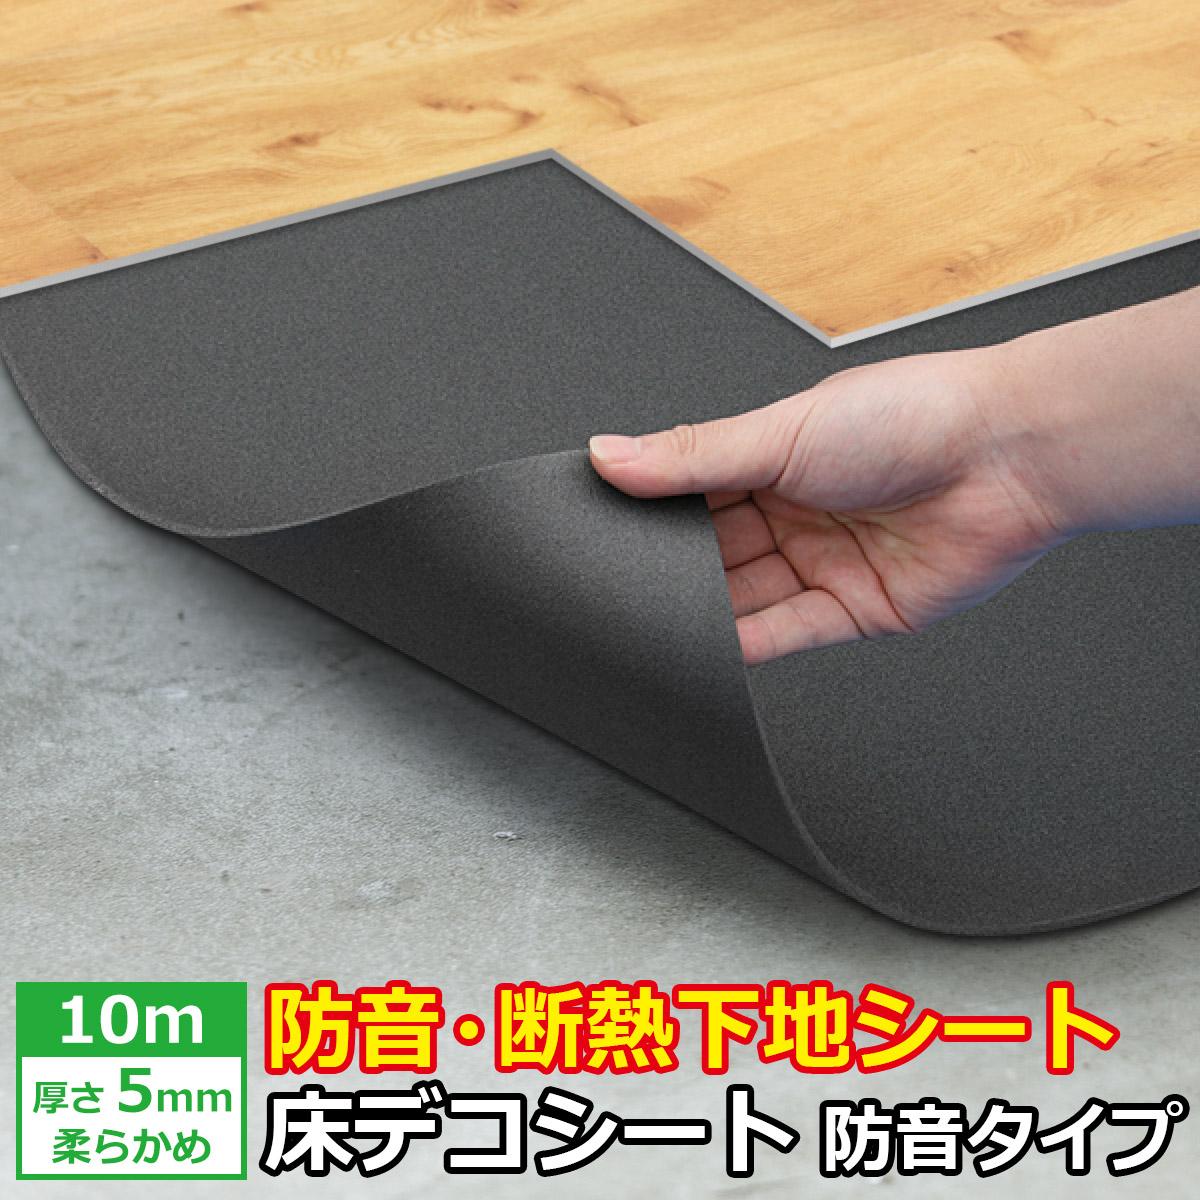 断熱下地シート 床デコシート 防音タイプ 厚さ5ミリ やわらかめ 10メートル